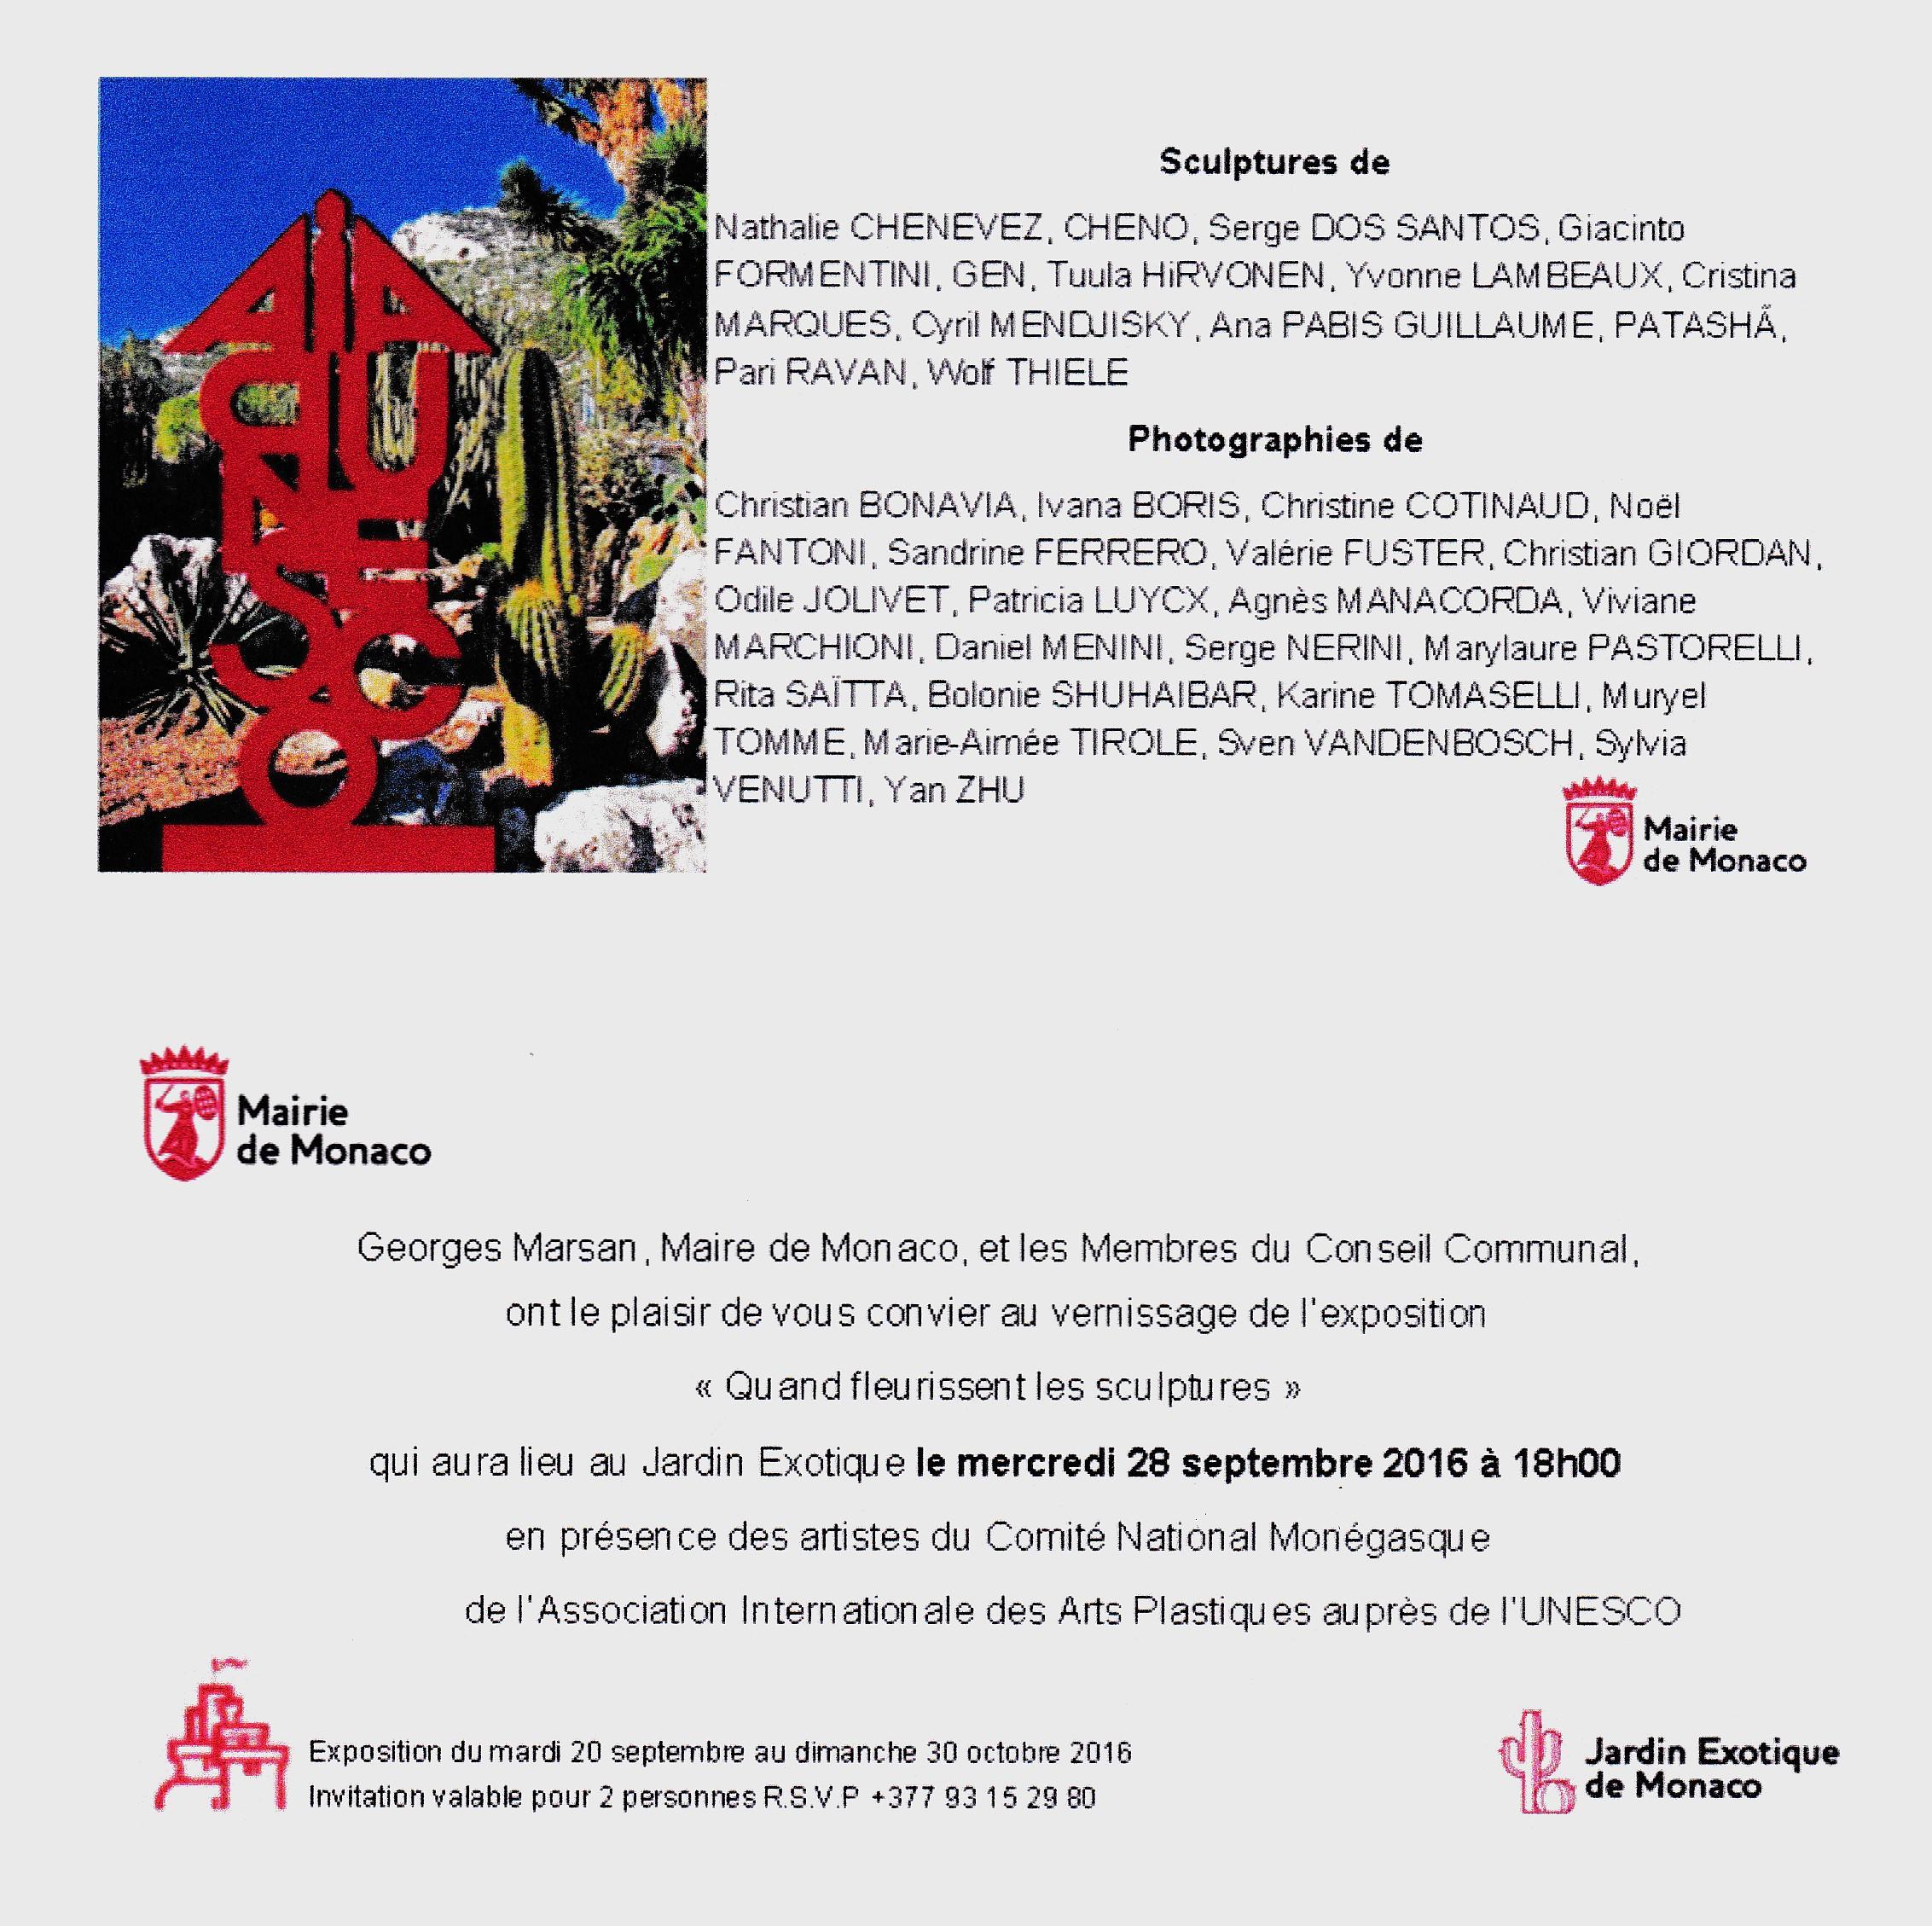 invitation-jardin-exotique_20160922